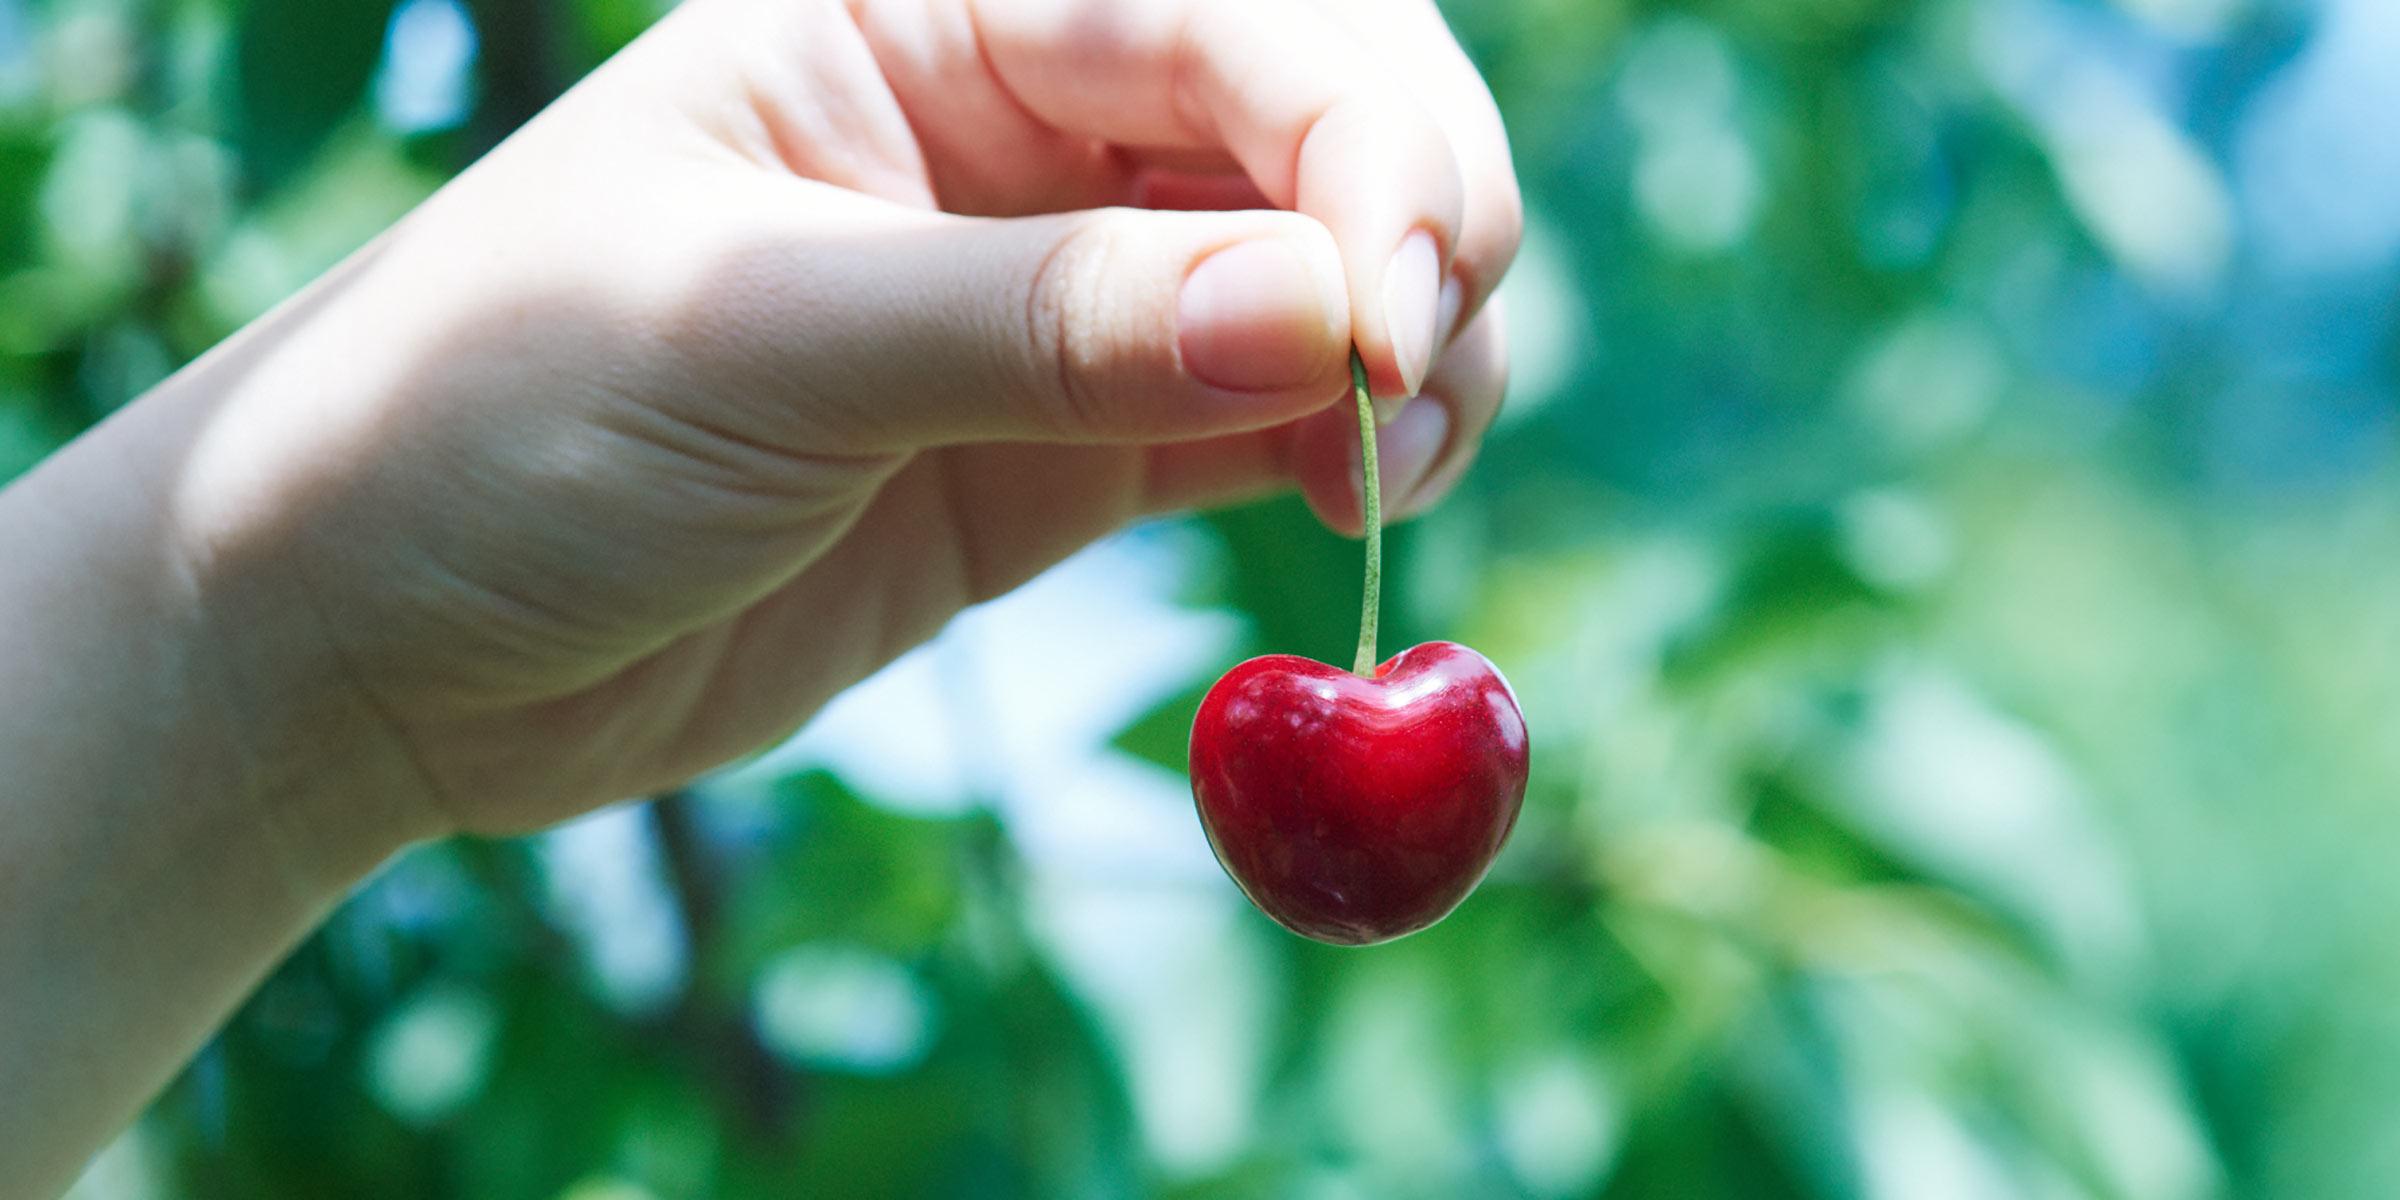 青森県産大玉さくらんぼ 驚くほど大きく甘い、ハート形の果実